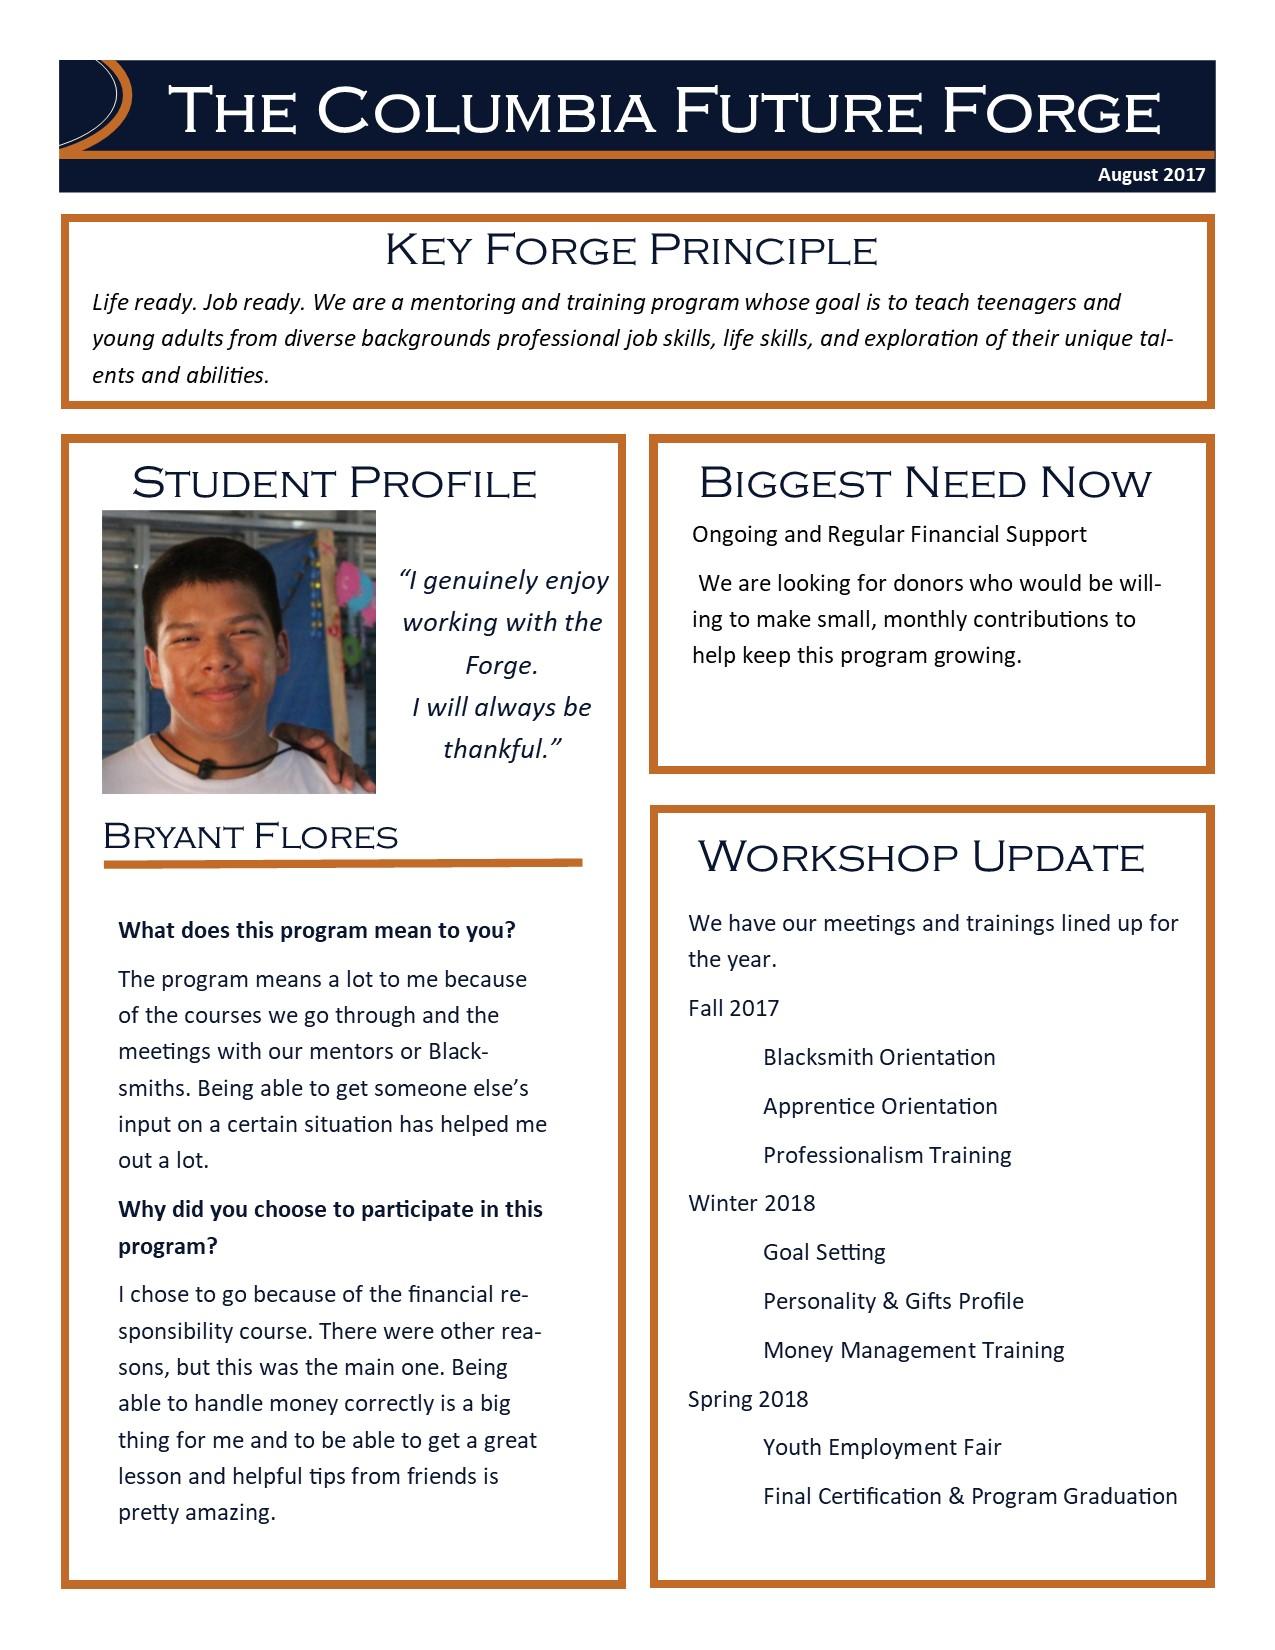 Forge Newsletter 2017_08 (1).jpg